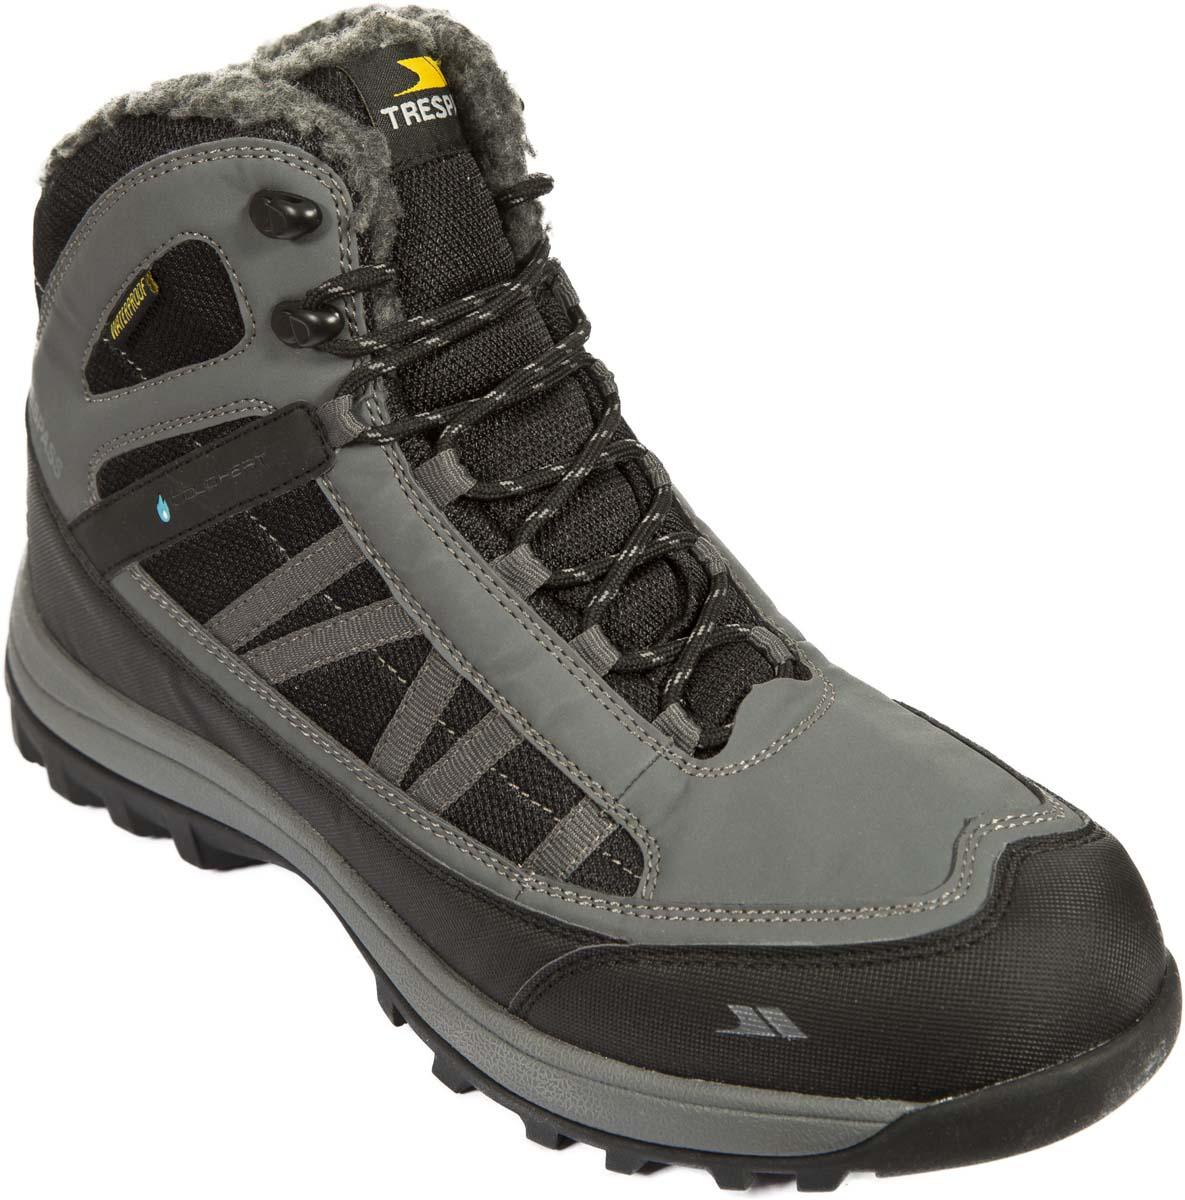 Ботинки трекинговые мужские Trespass Boreal, цвет: серый. MAFOBOK20005. Размер 45MAFOBOK20005Технологичные высокие трекинговые ботинки. Выполнены из мембранного материала. Утеплены микроволоконным утеплителем.